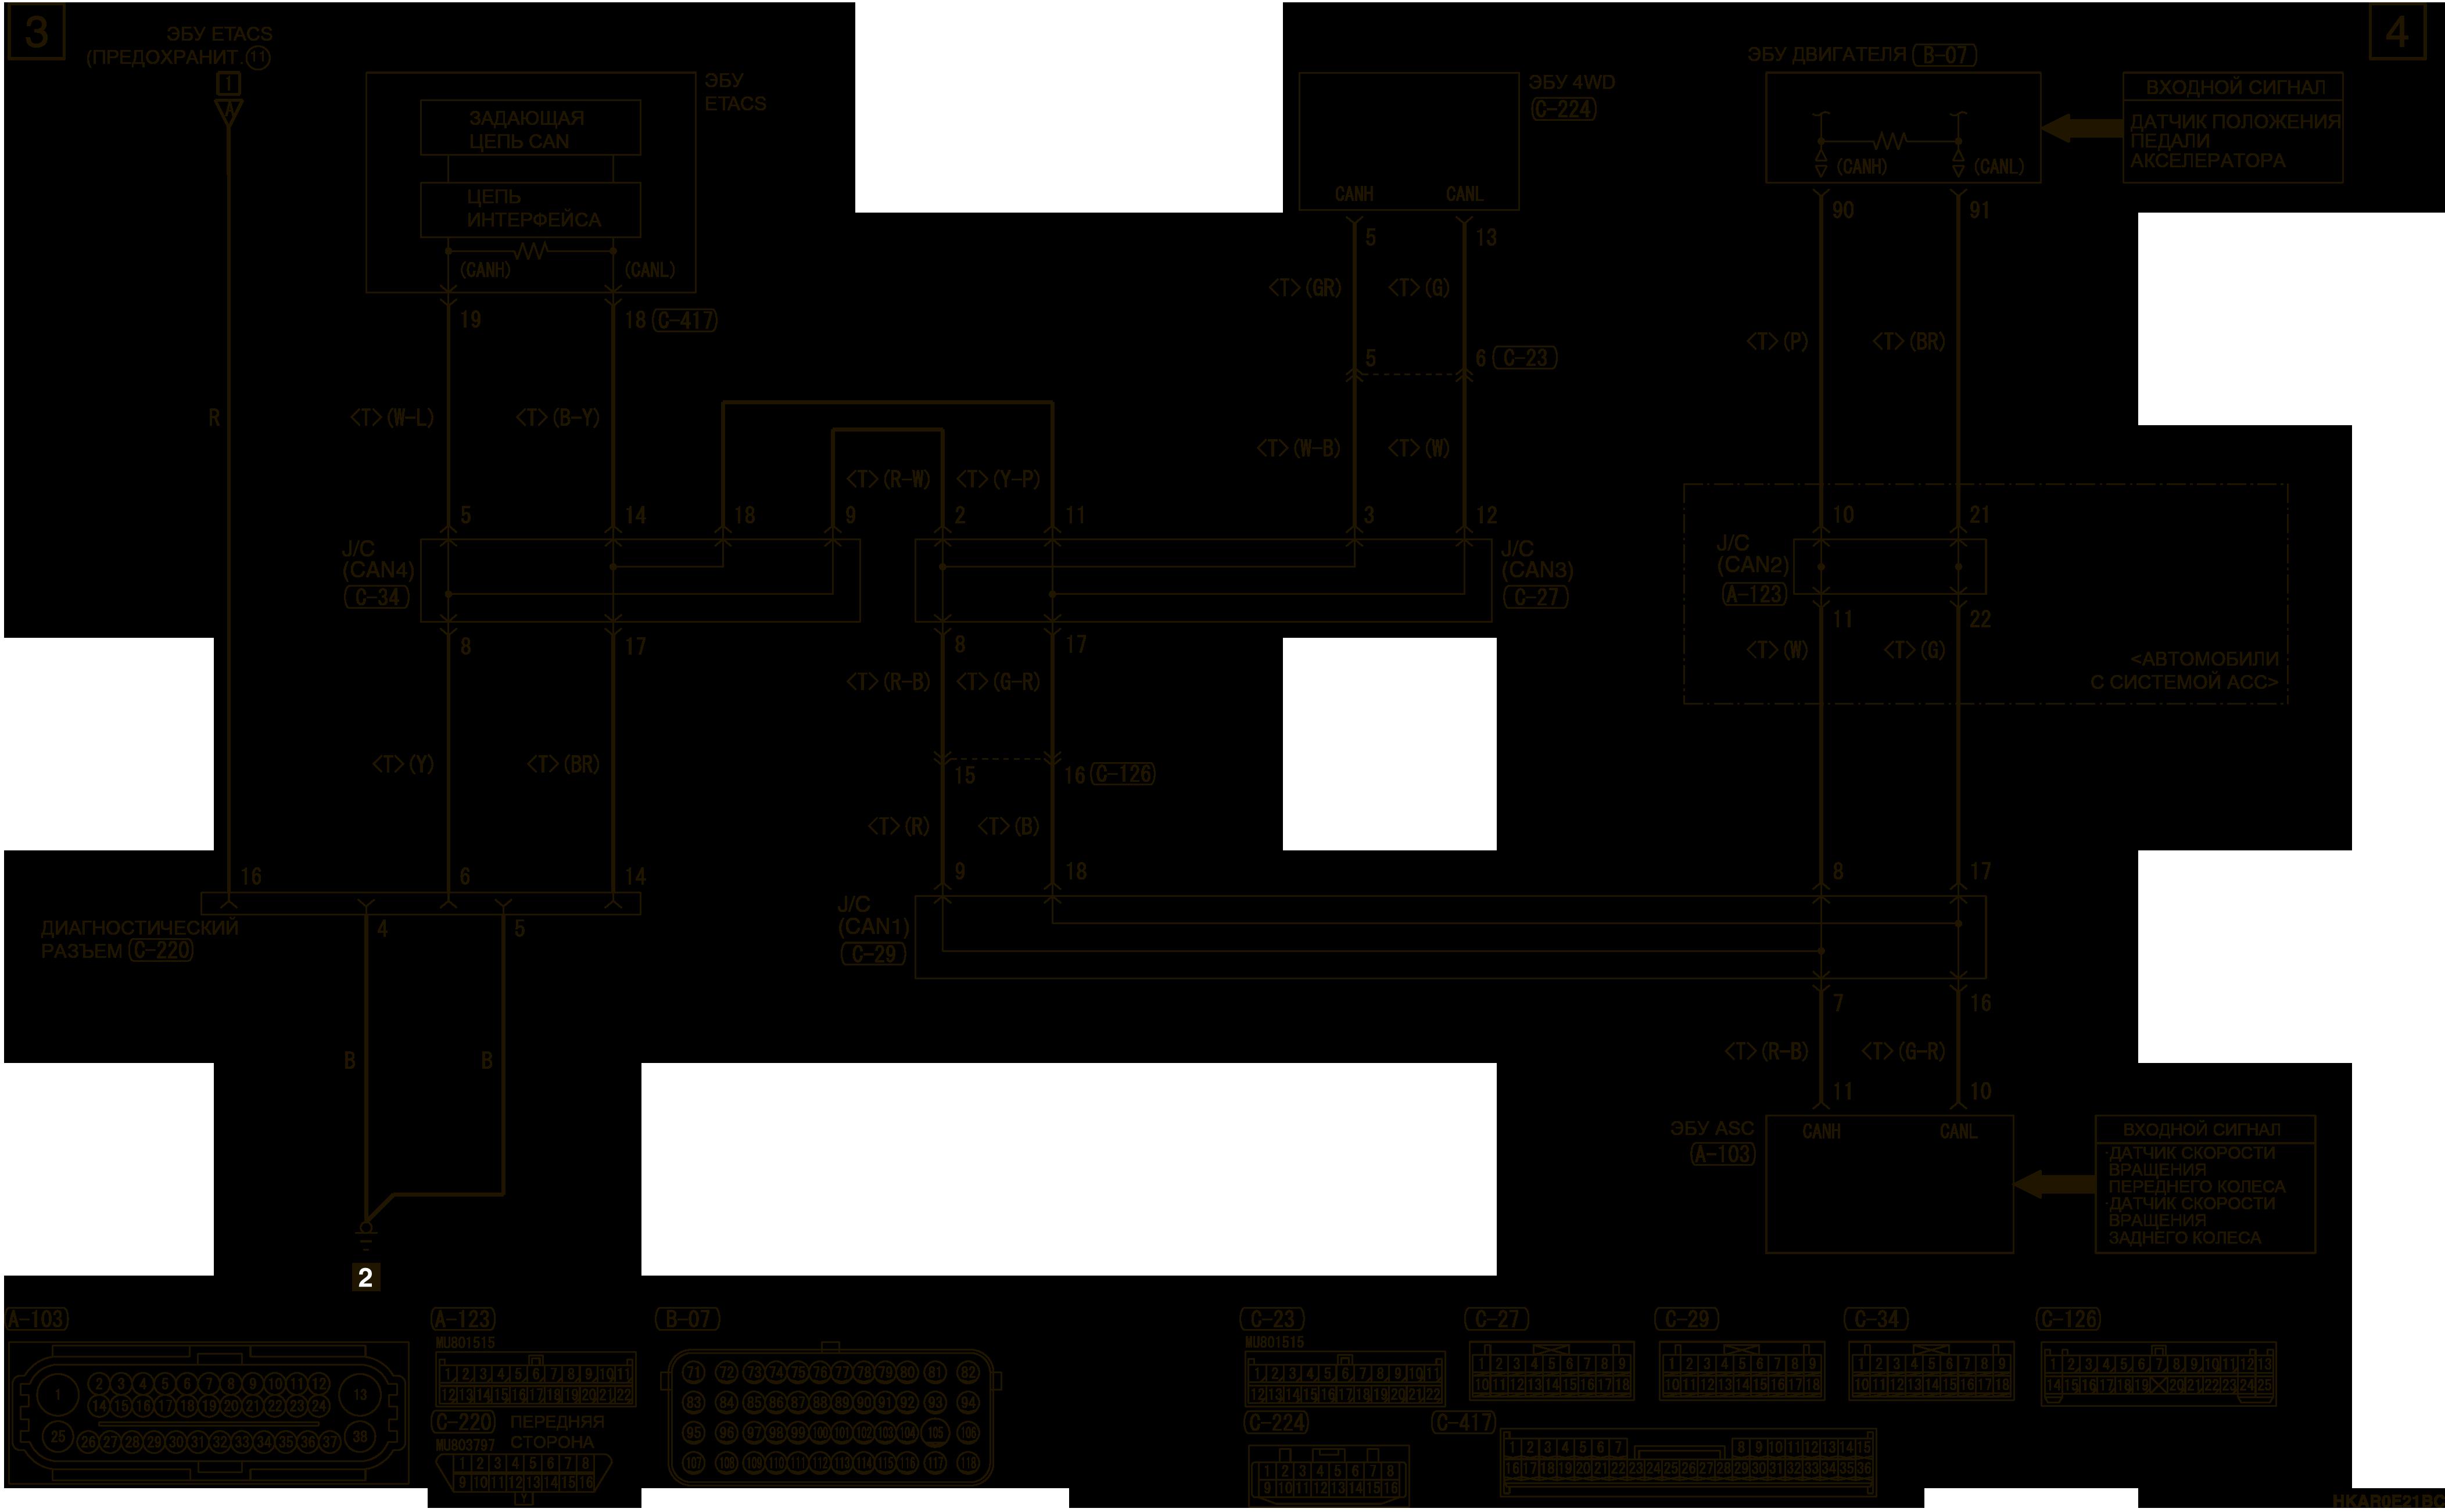 mmc аутлендер 3 2019 электросхемаПОЛНЫЙ ПРИВОД С ЭЛЕКТРОННЫМ УПРАВЛЕНИЕМ ПРАВОСТОРОННЕЕ УПРАВЛЕНИЕ